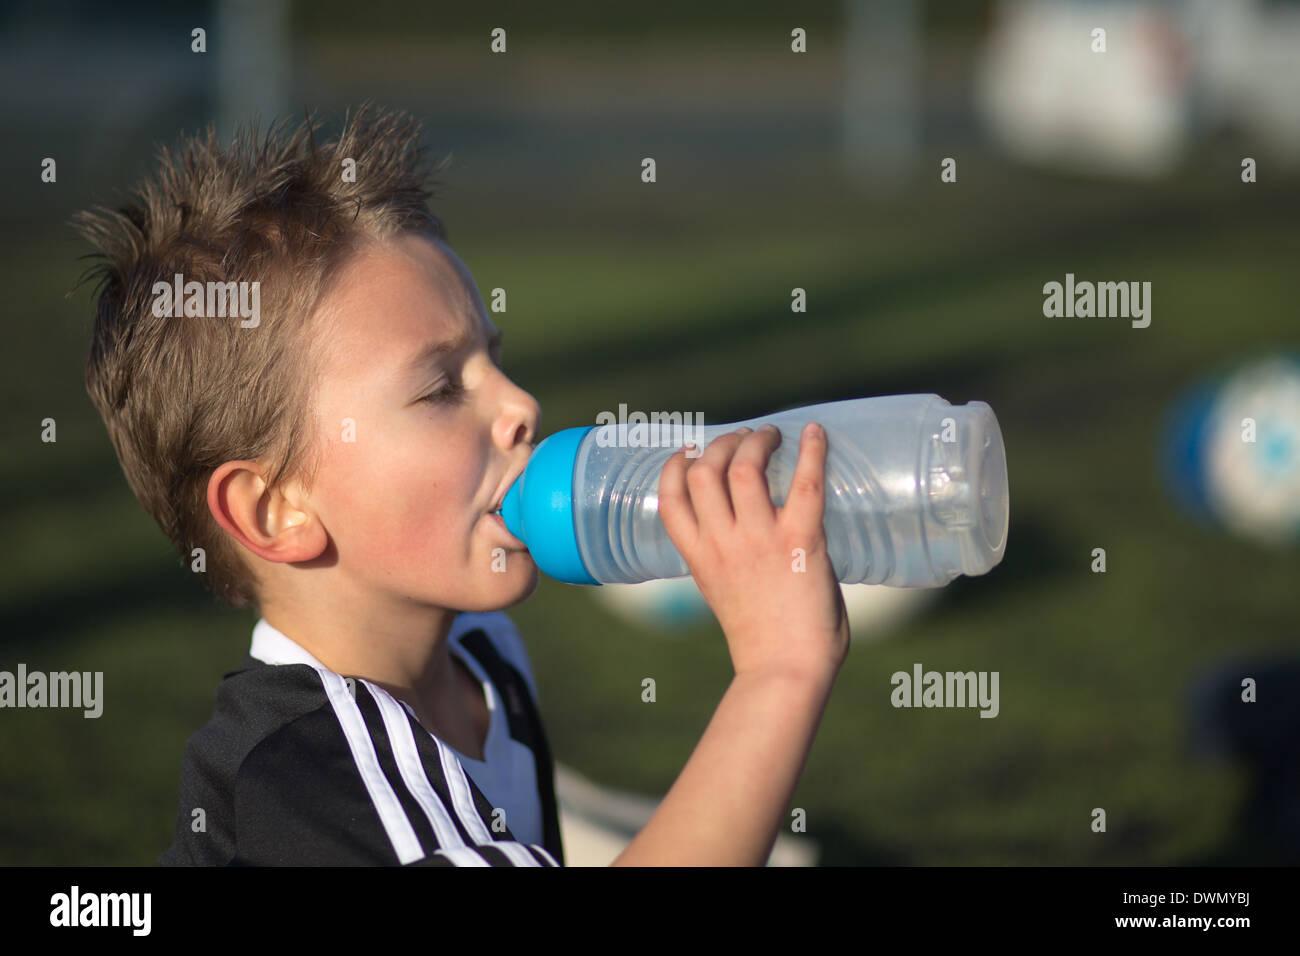 Niño bebe agua después de un partido de fútbol para niños. Imagen De Stock 071678035ce71